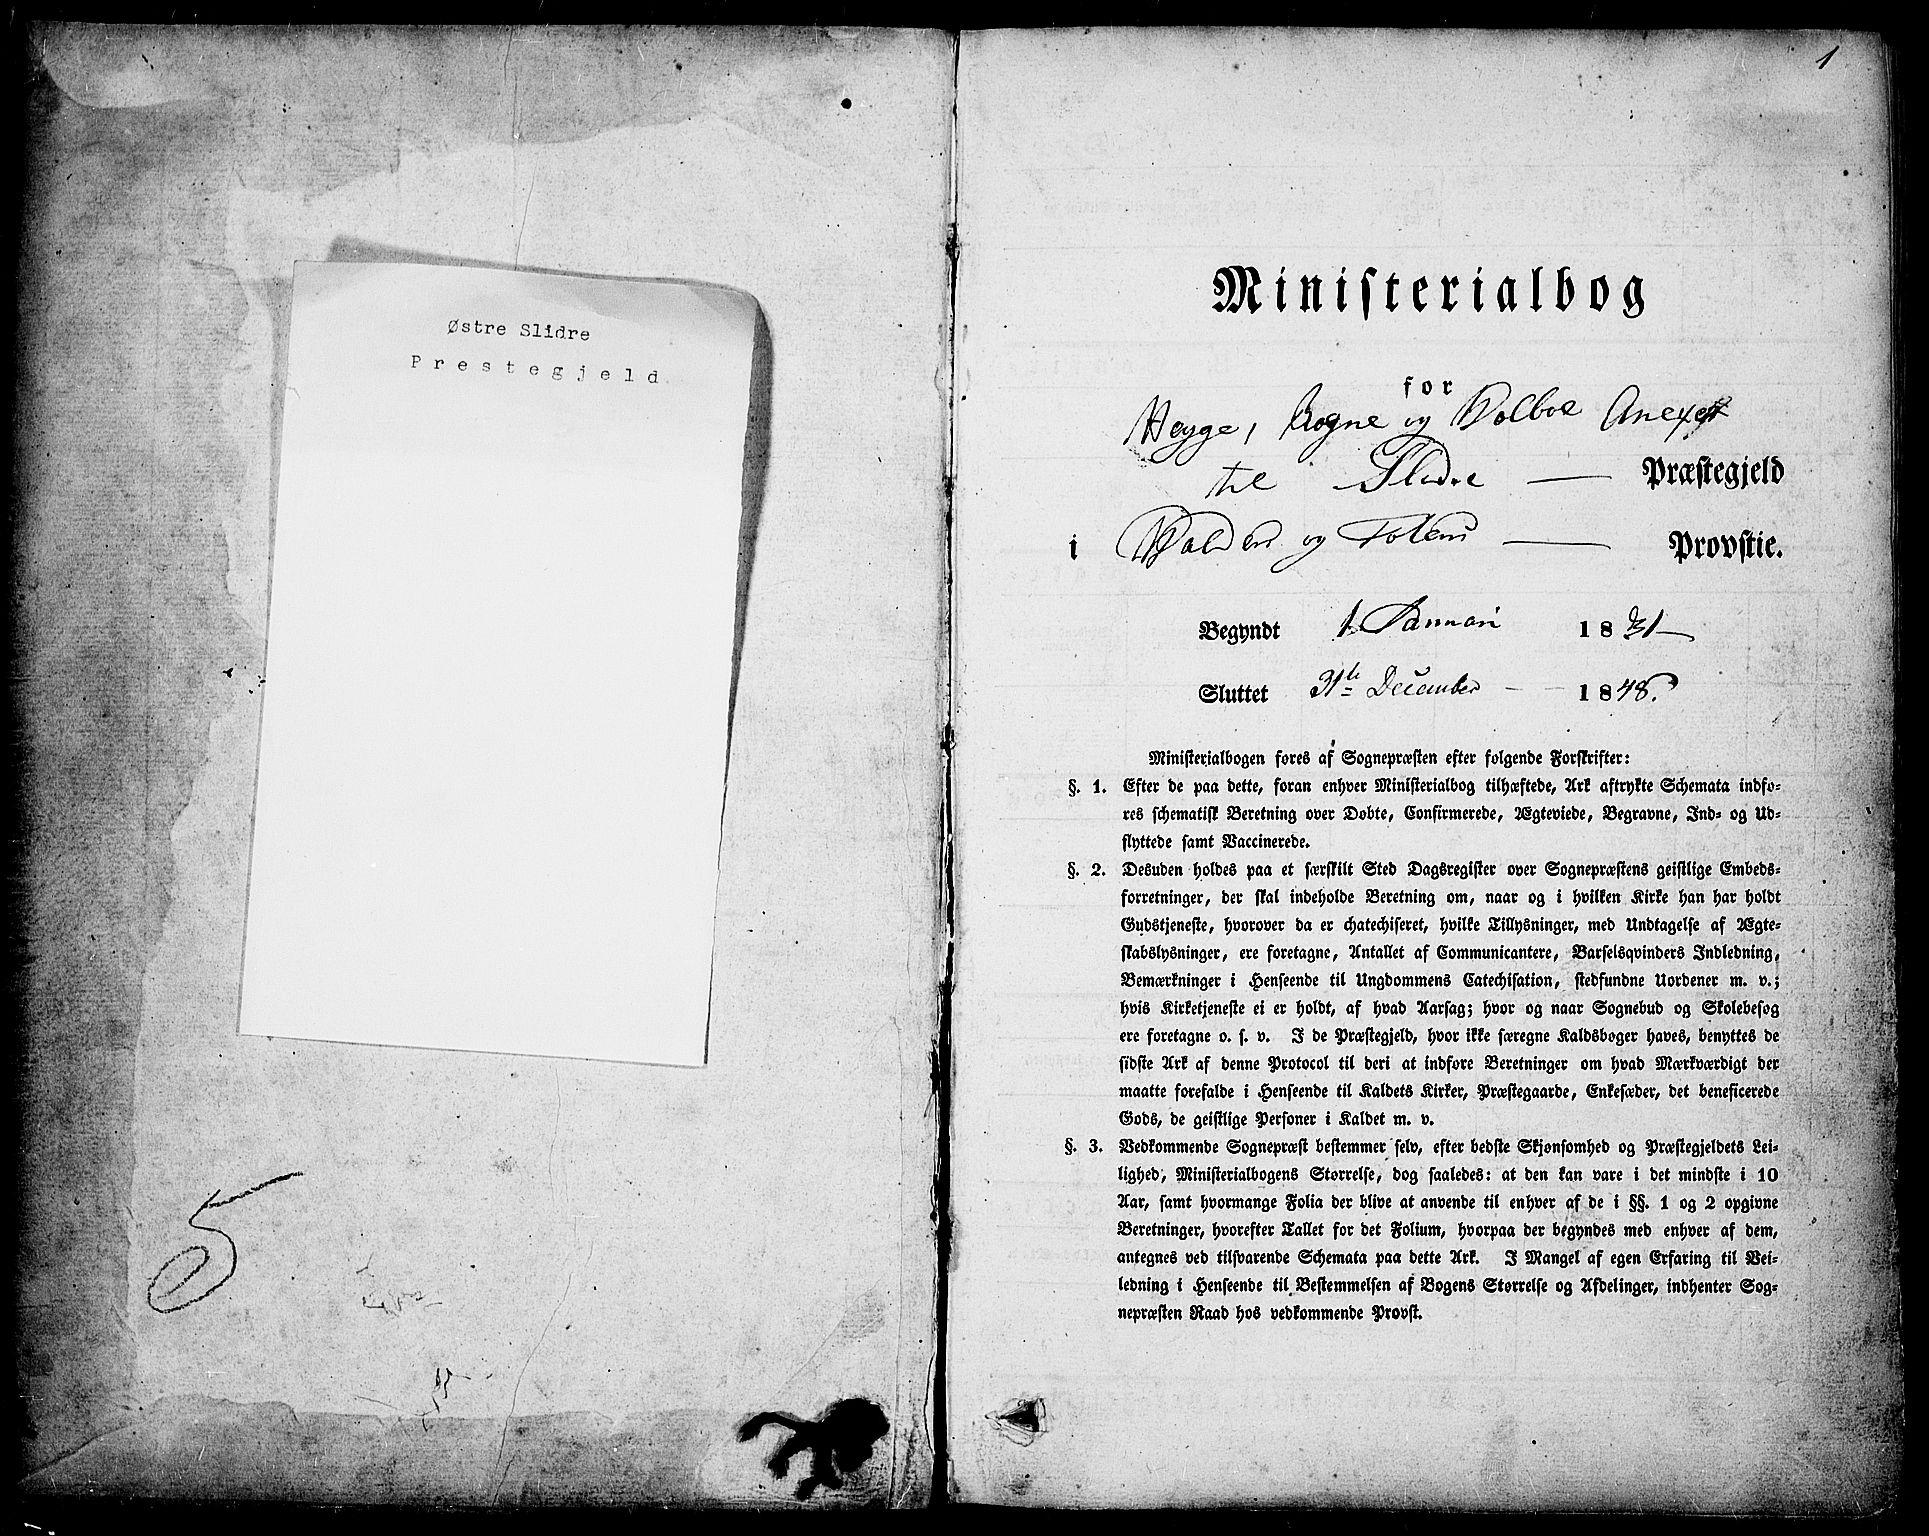 SAH, Slidre prestekontor, Ministerialbok nr. 4, 1831-1848, s. 1